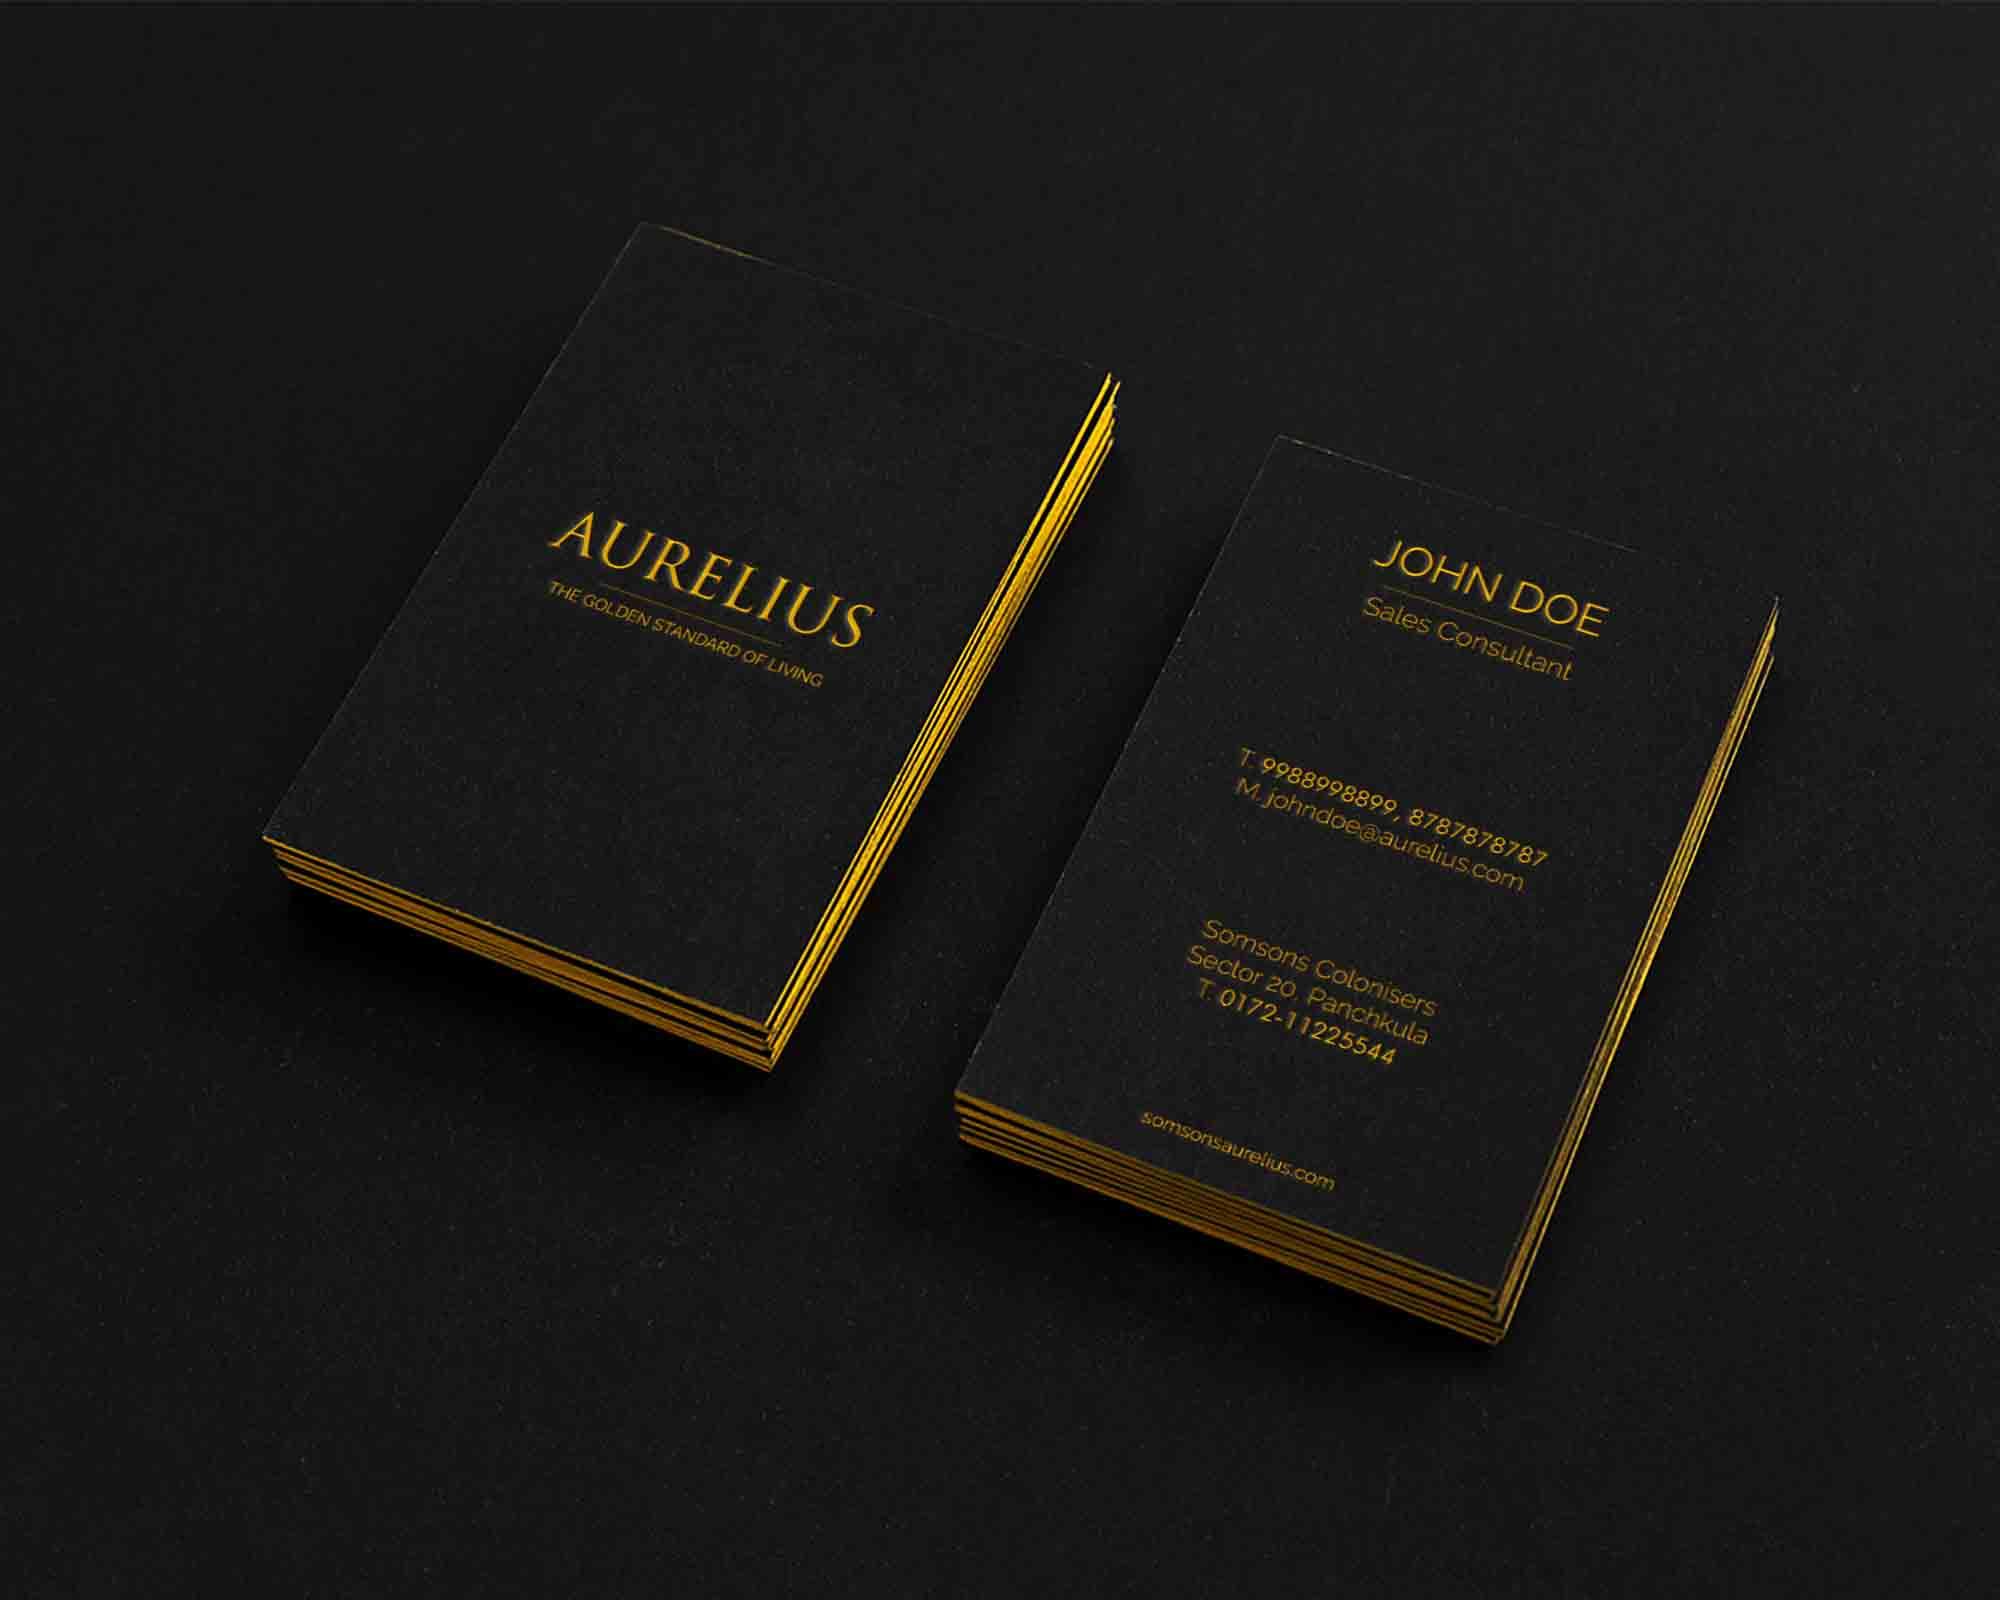 aurelius-real-estate-branding-design-literature-6